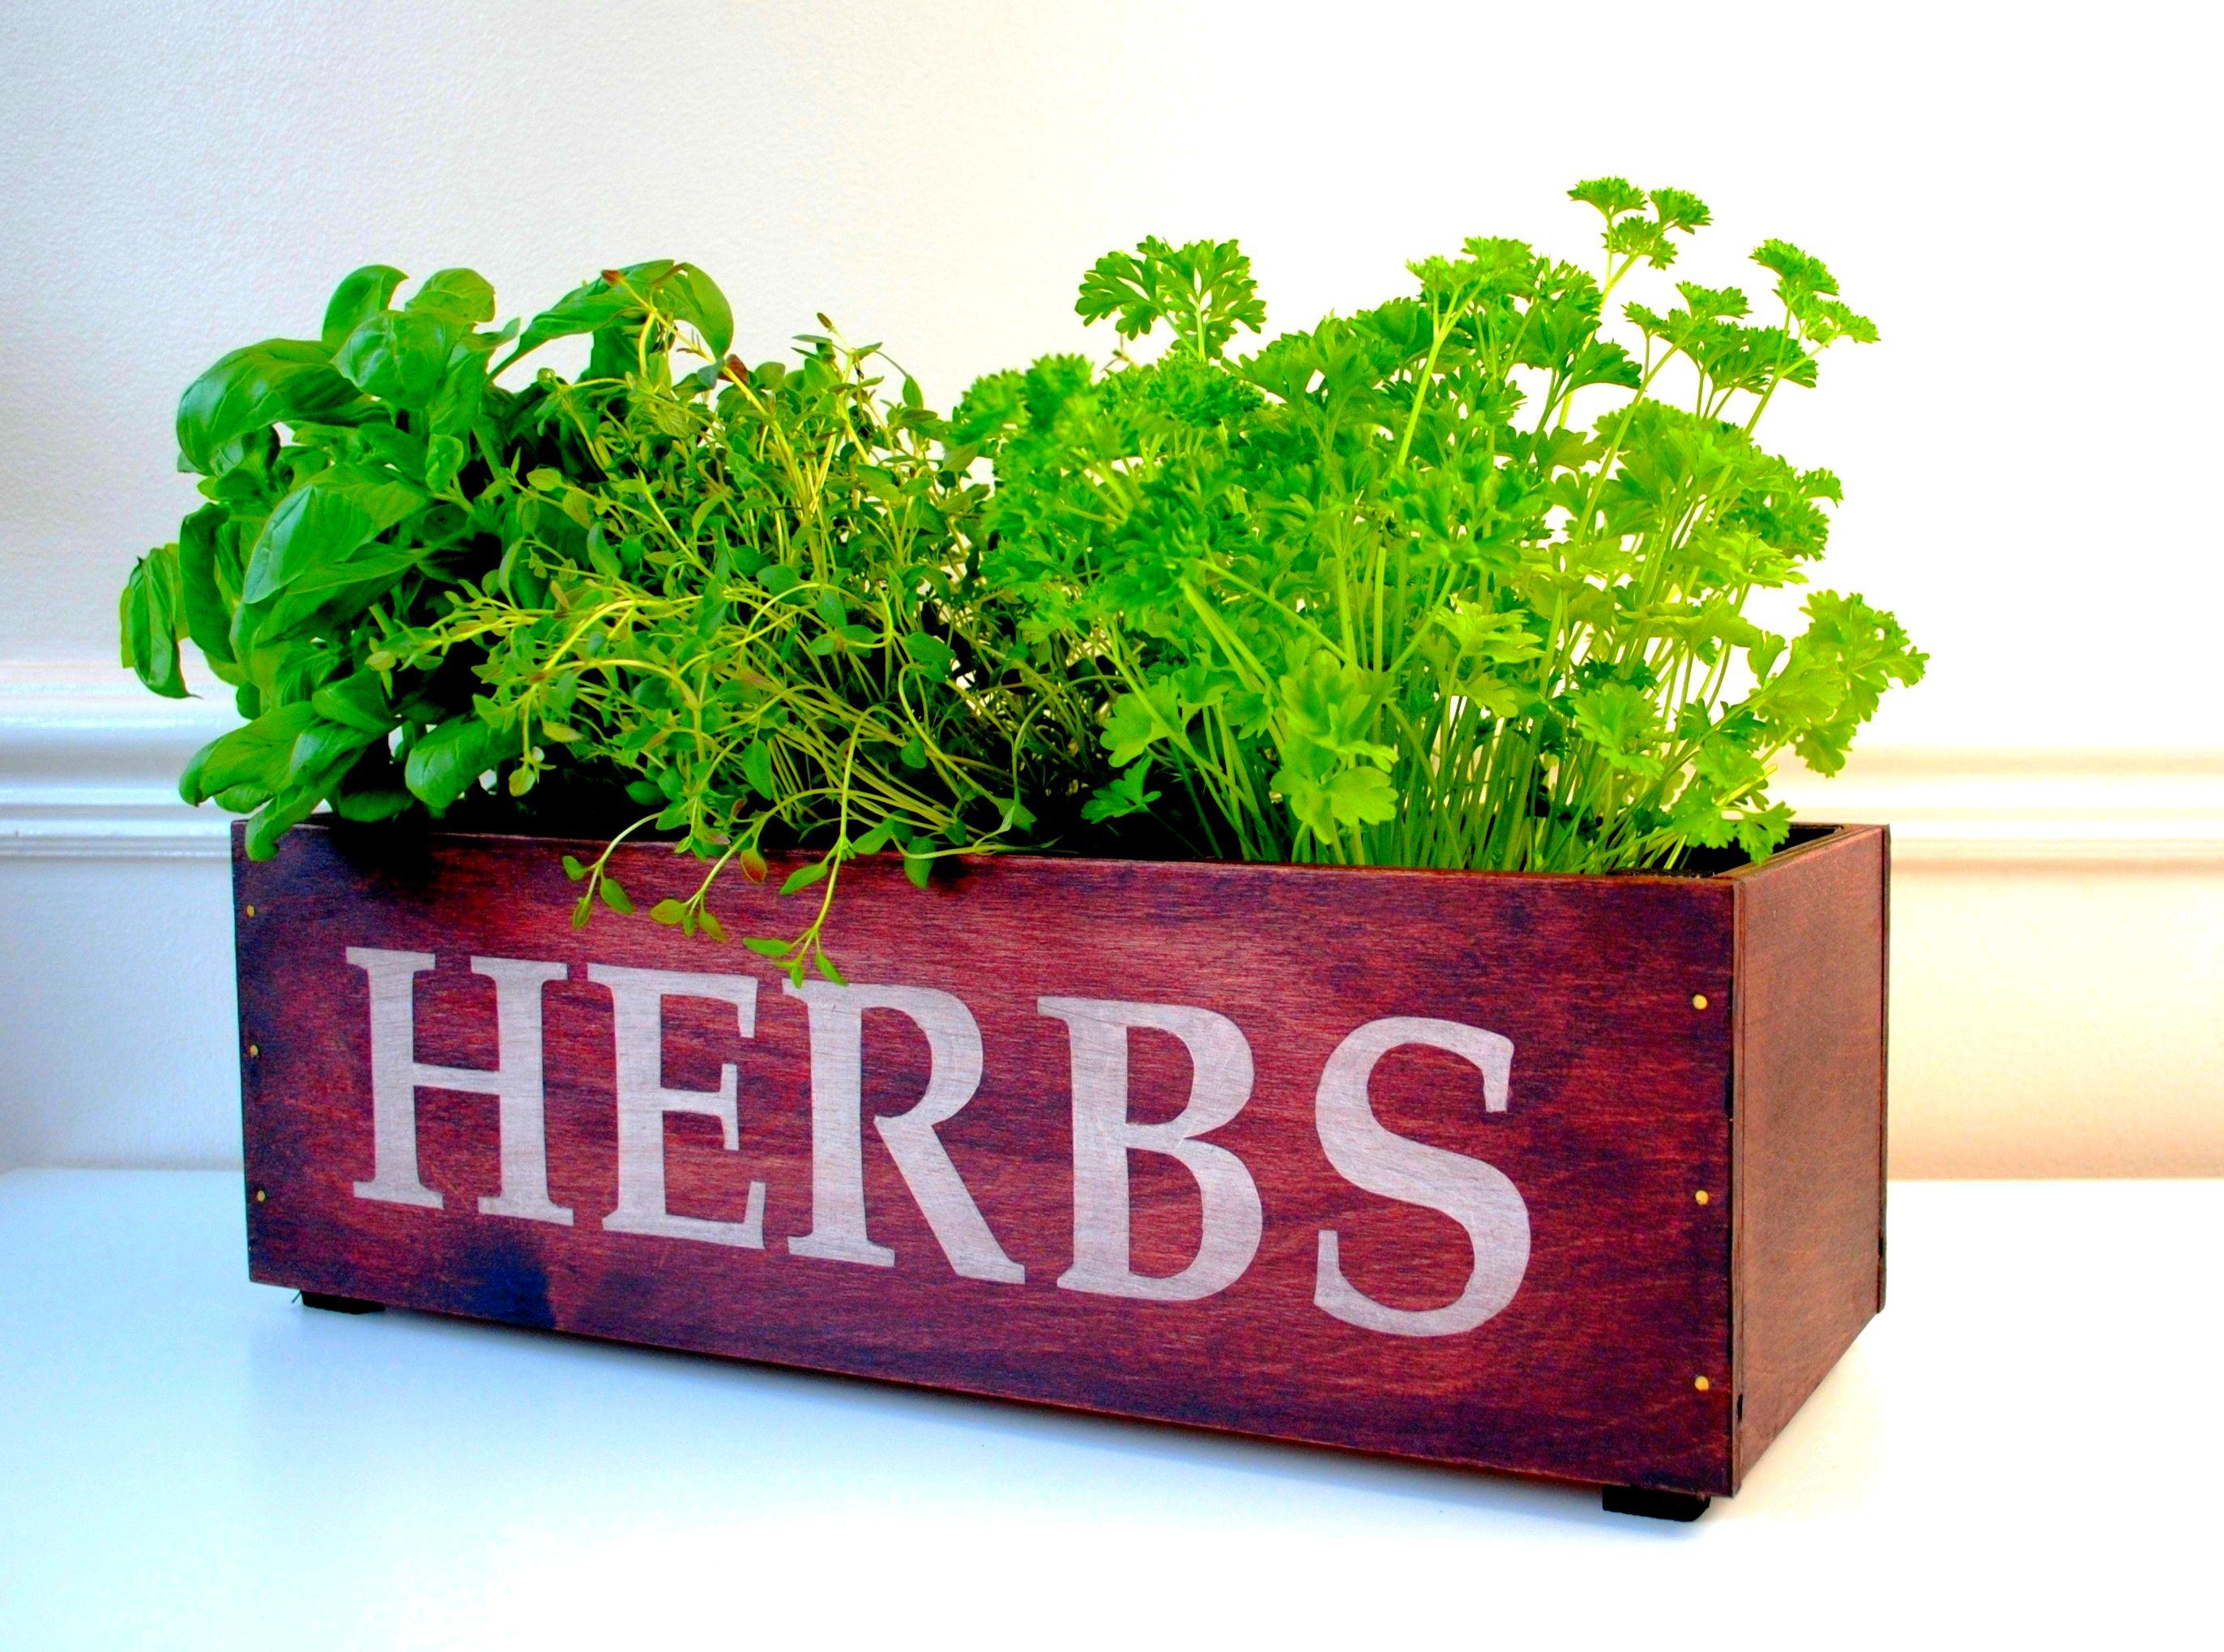 hydroponic herb garden diy hydroponic herb garden diy